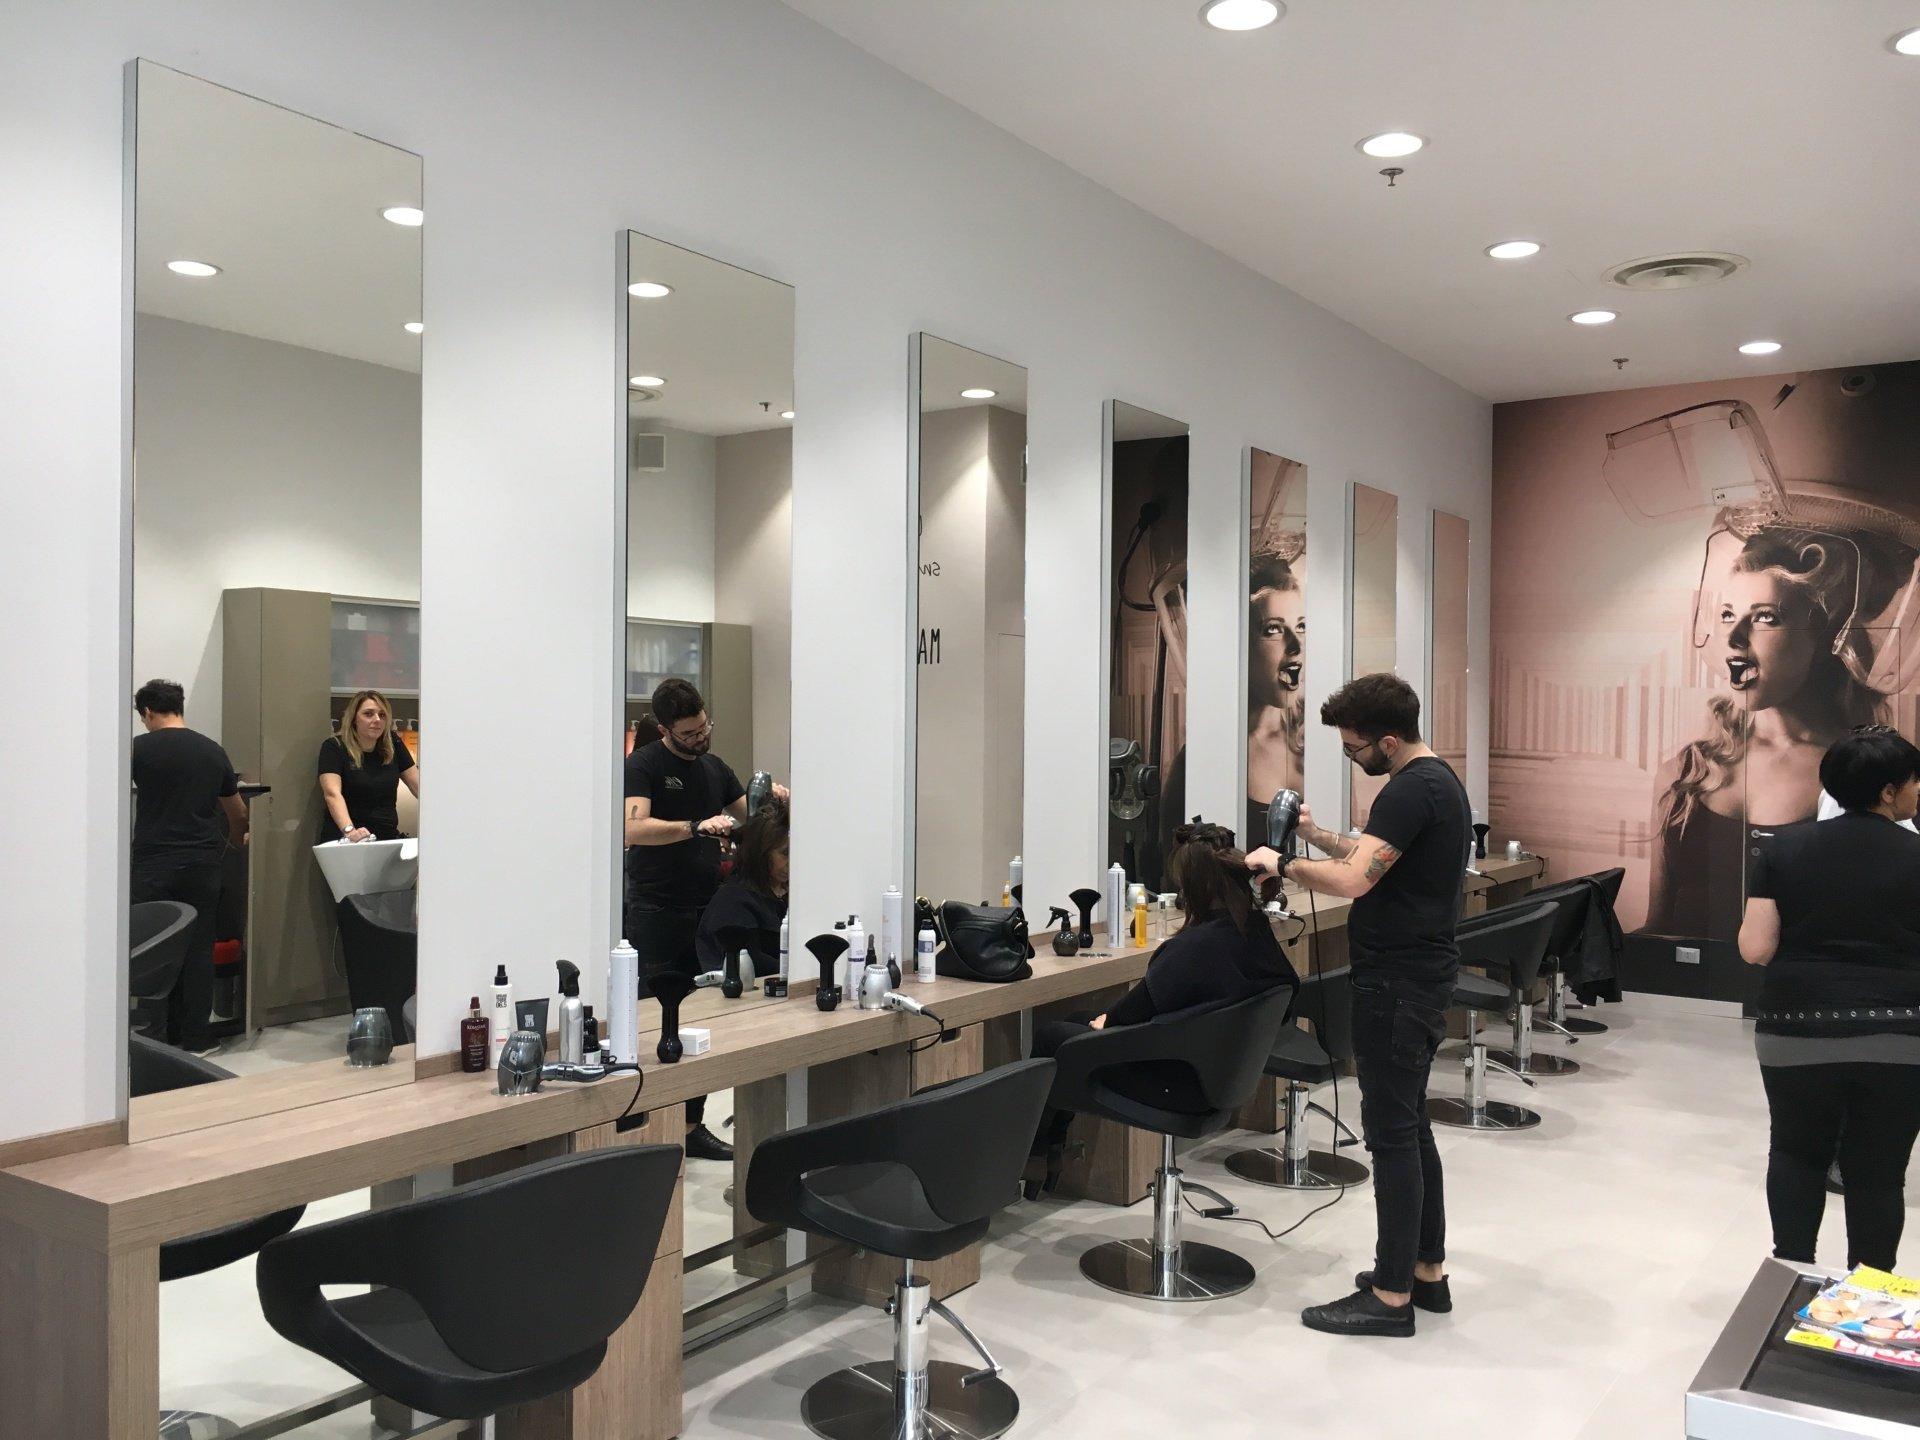 Arredo parrucchieri casalino s.r. progetti arredo e design